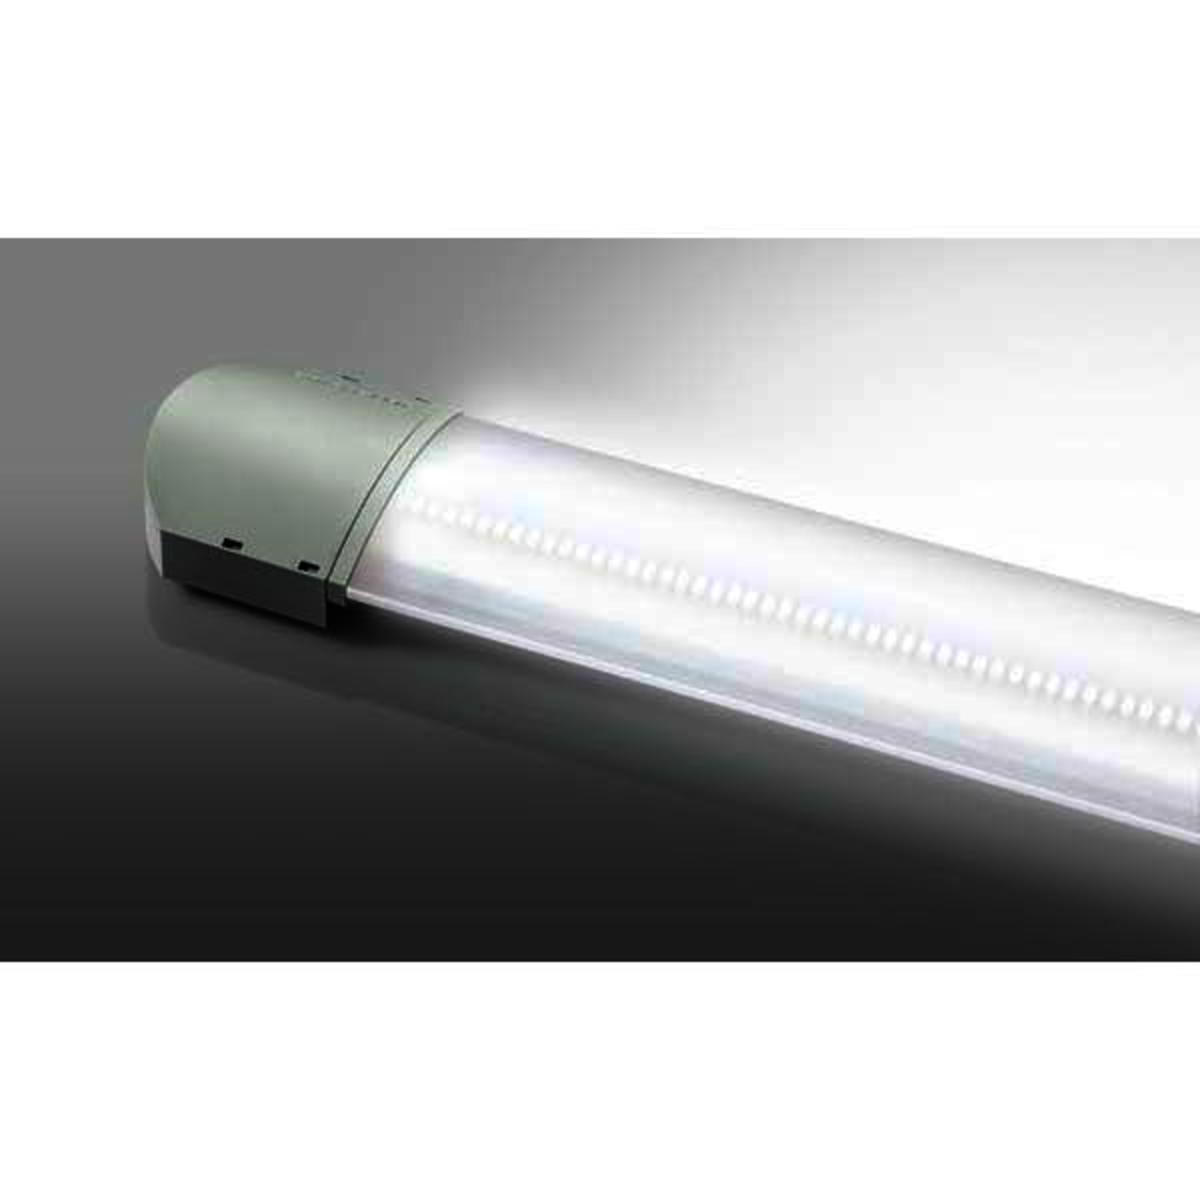 Luminaire étanche LED 16.5W - 0.67m   Pego   BRAND_ROOT   Le ...